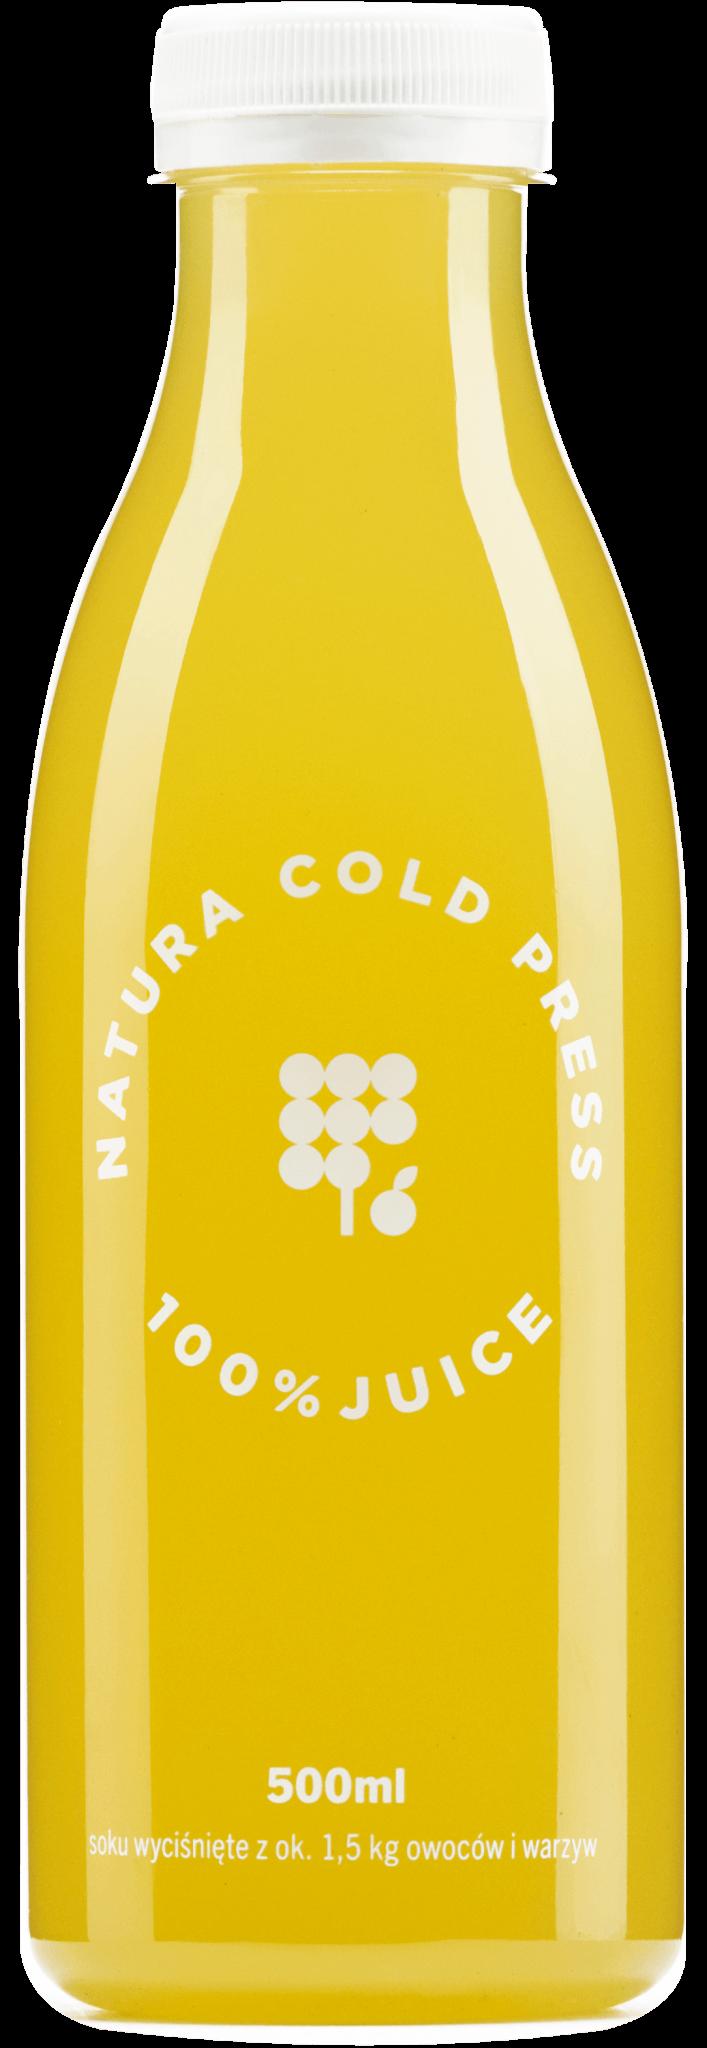 Tropikalny Chill sok oczyszczający